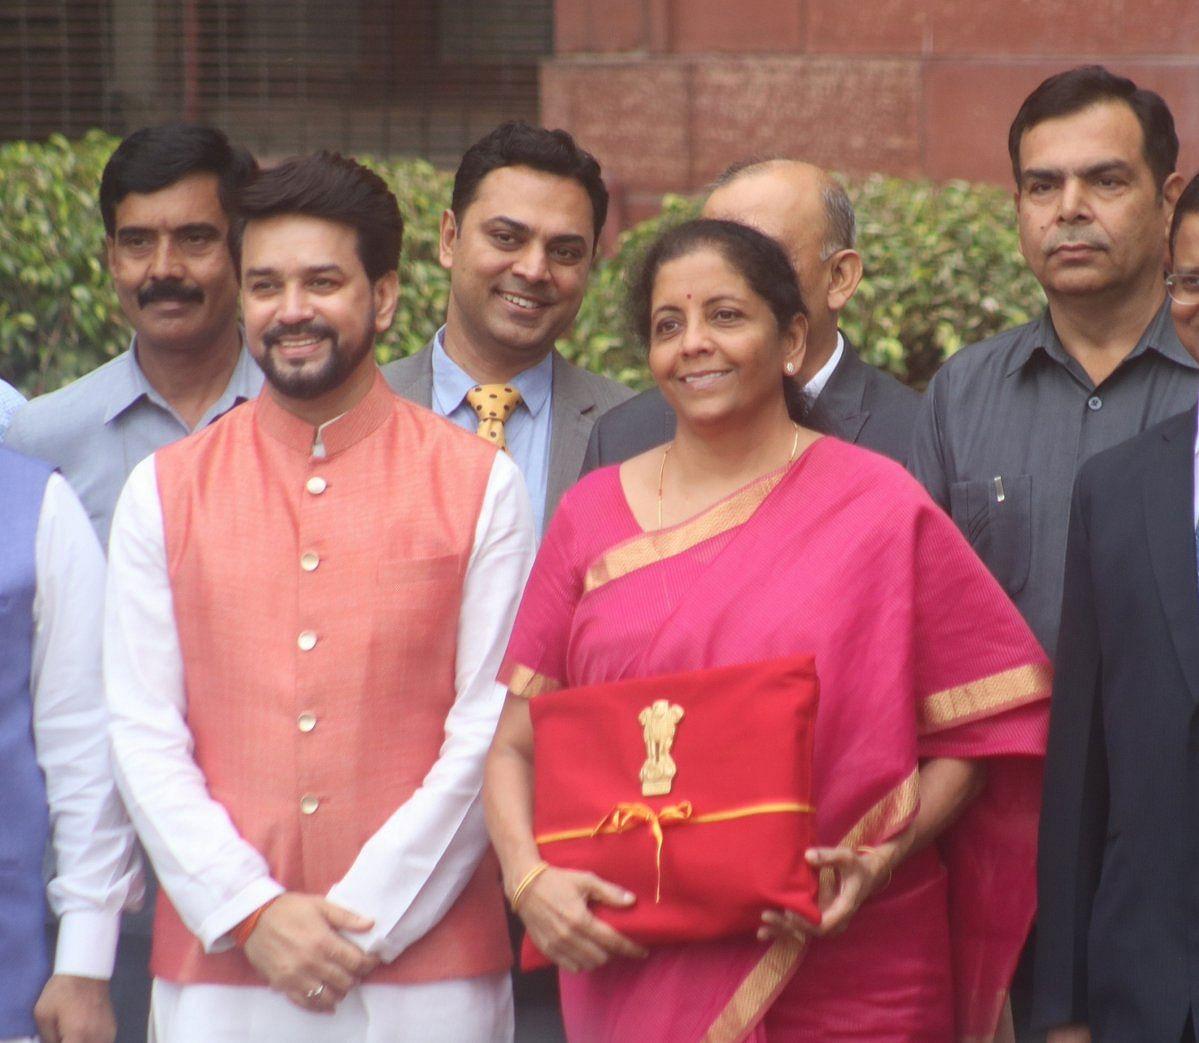 निर्मला सीतारमण ने तोड़ी 'ब्रीफकेस परंपरा', लाल कपड़े में दिखा बहीखाता, जानें कब-कब बदले ब्रीफकेस के रंग